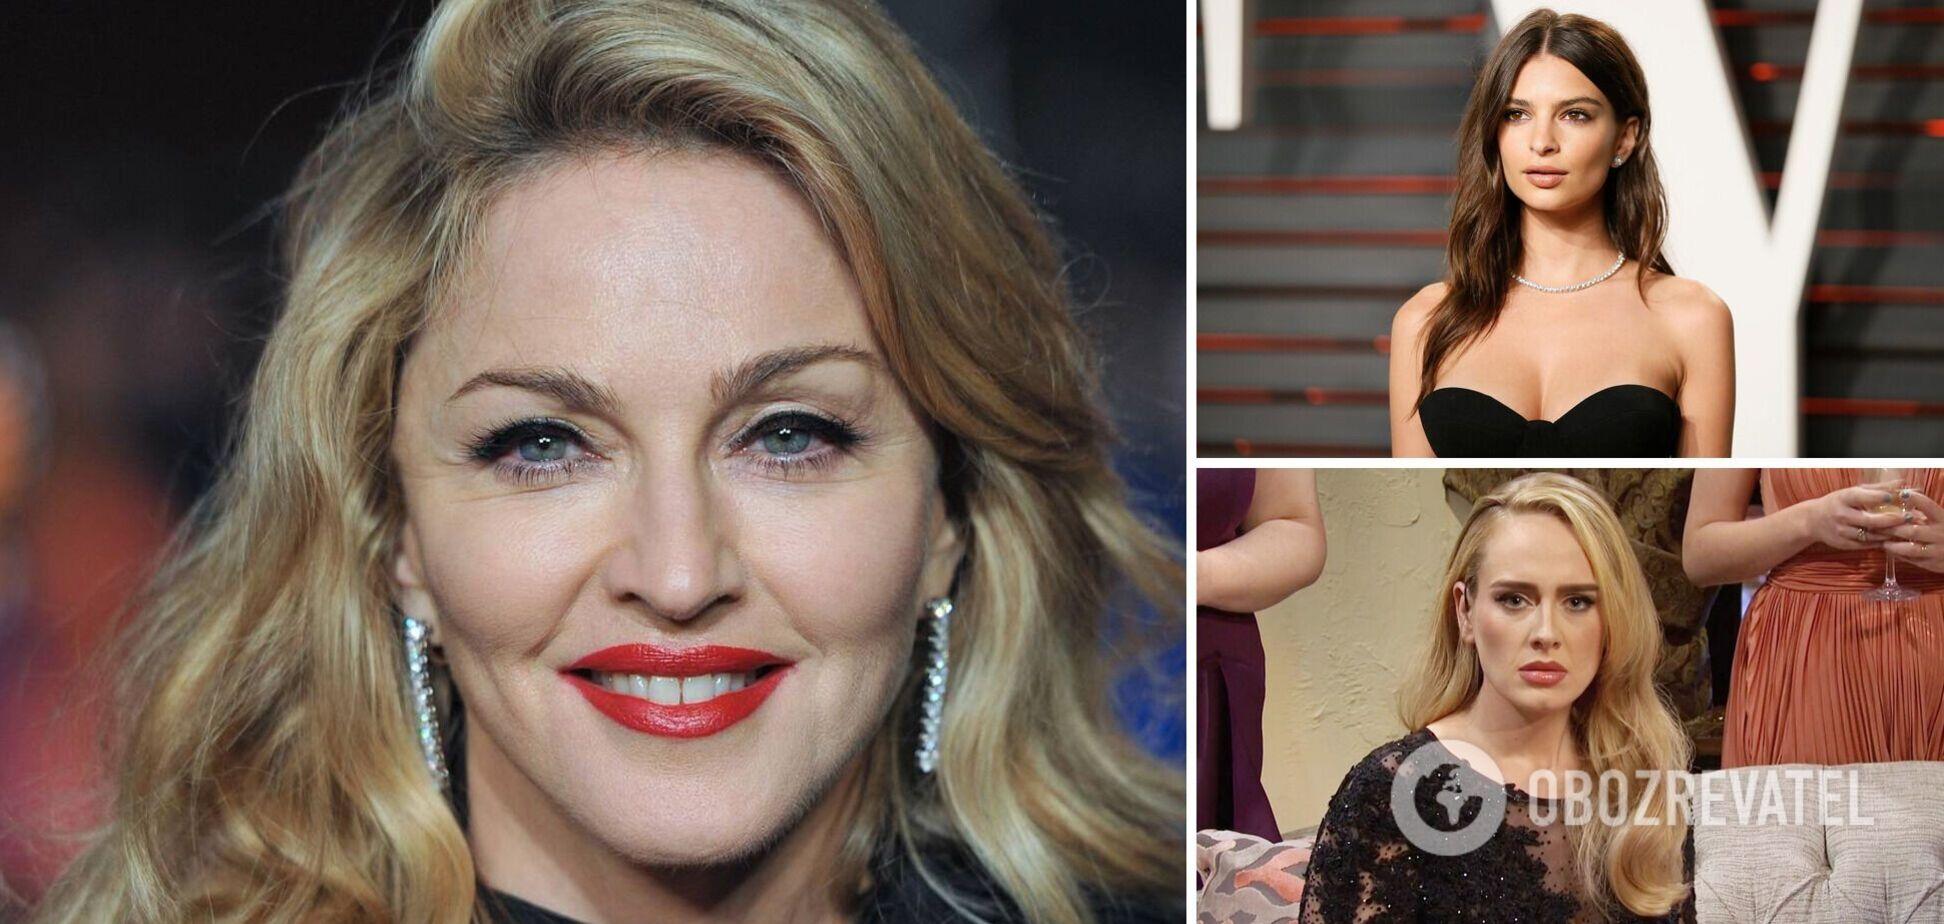 Мадонна, Адель, Ратаковски и другие: звезды Голливуда, отказавшиеся от интимной эпиляции. Фото